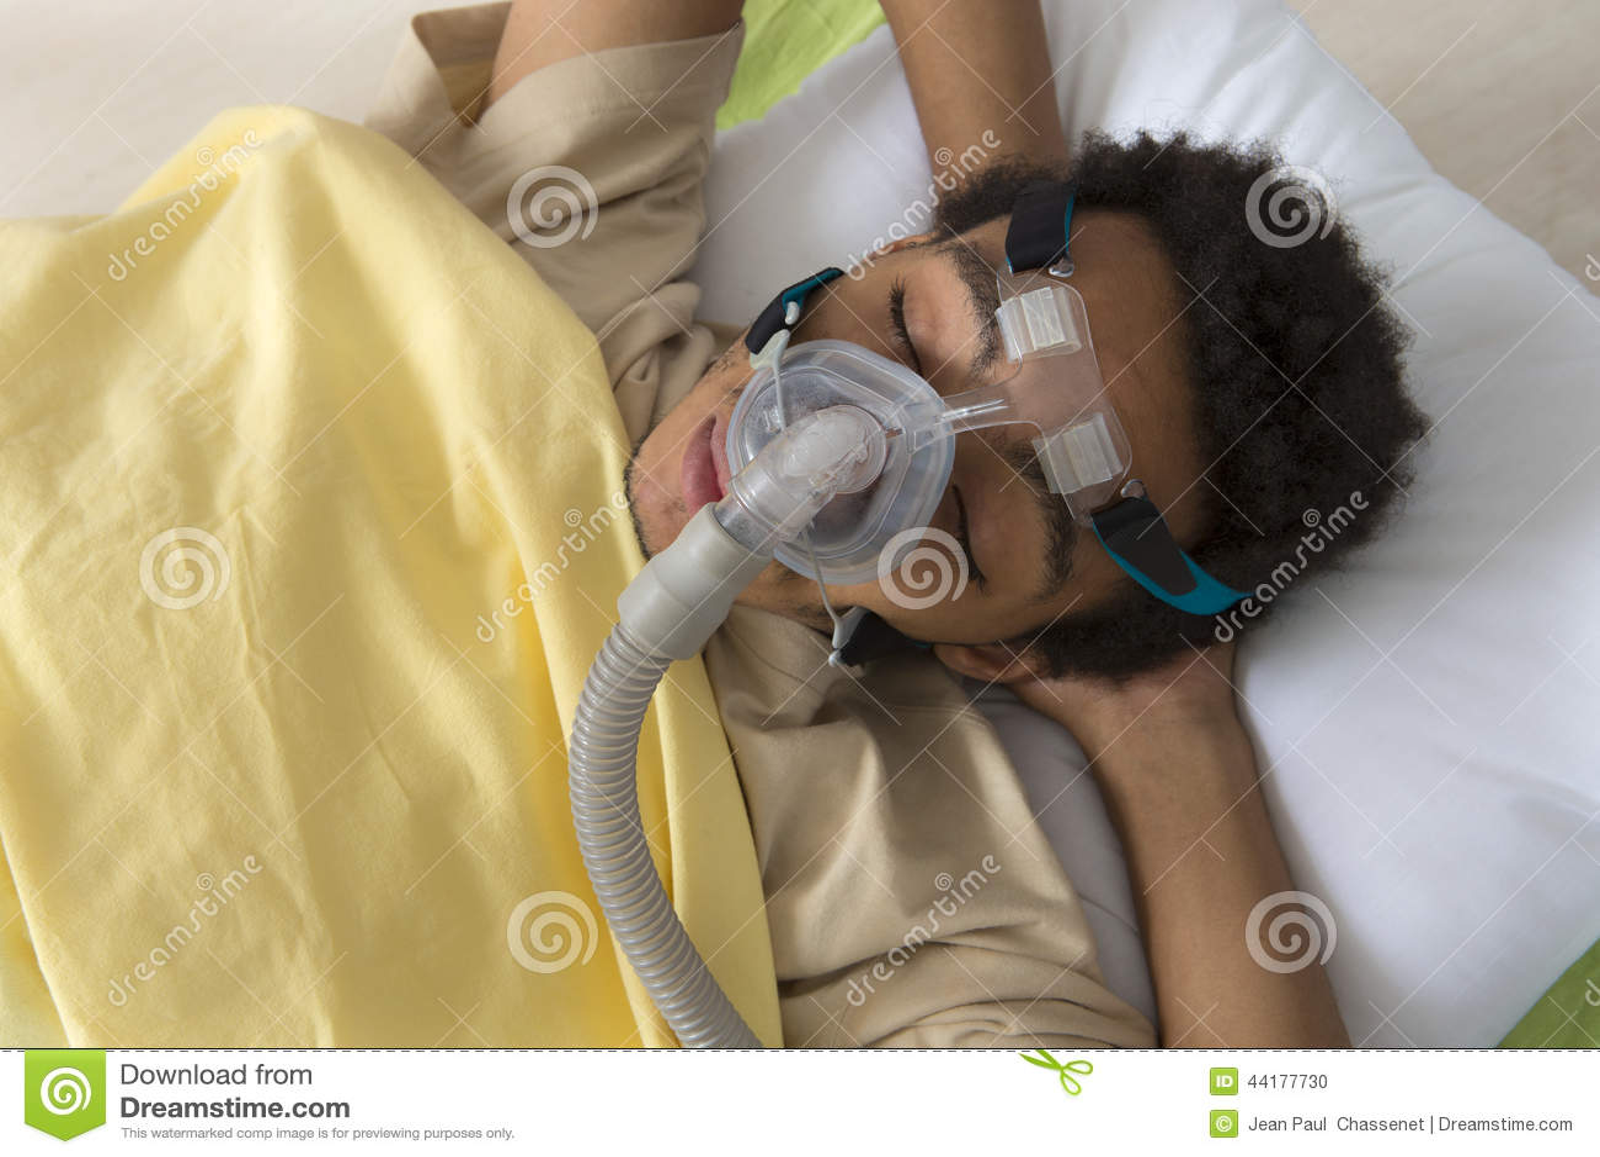 Άτομο που πάσχει από τη ασφυξία ύπνου, που χρησιμοποιεί μια μηχανή CPAP